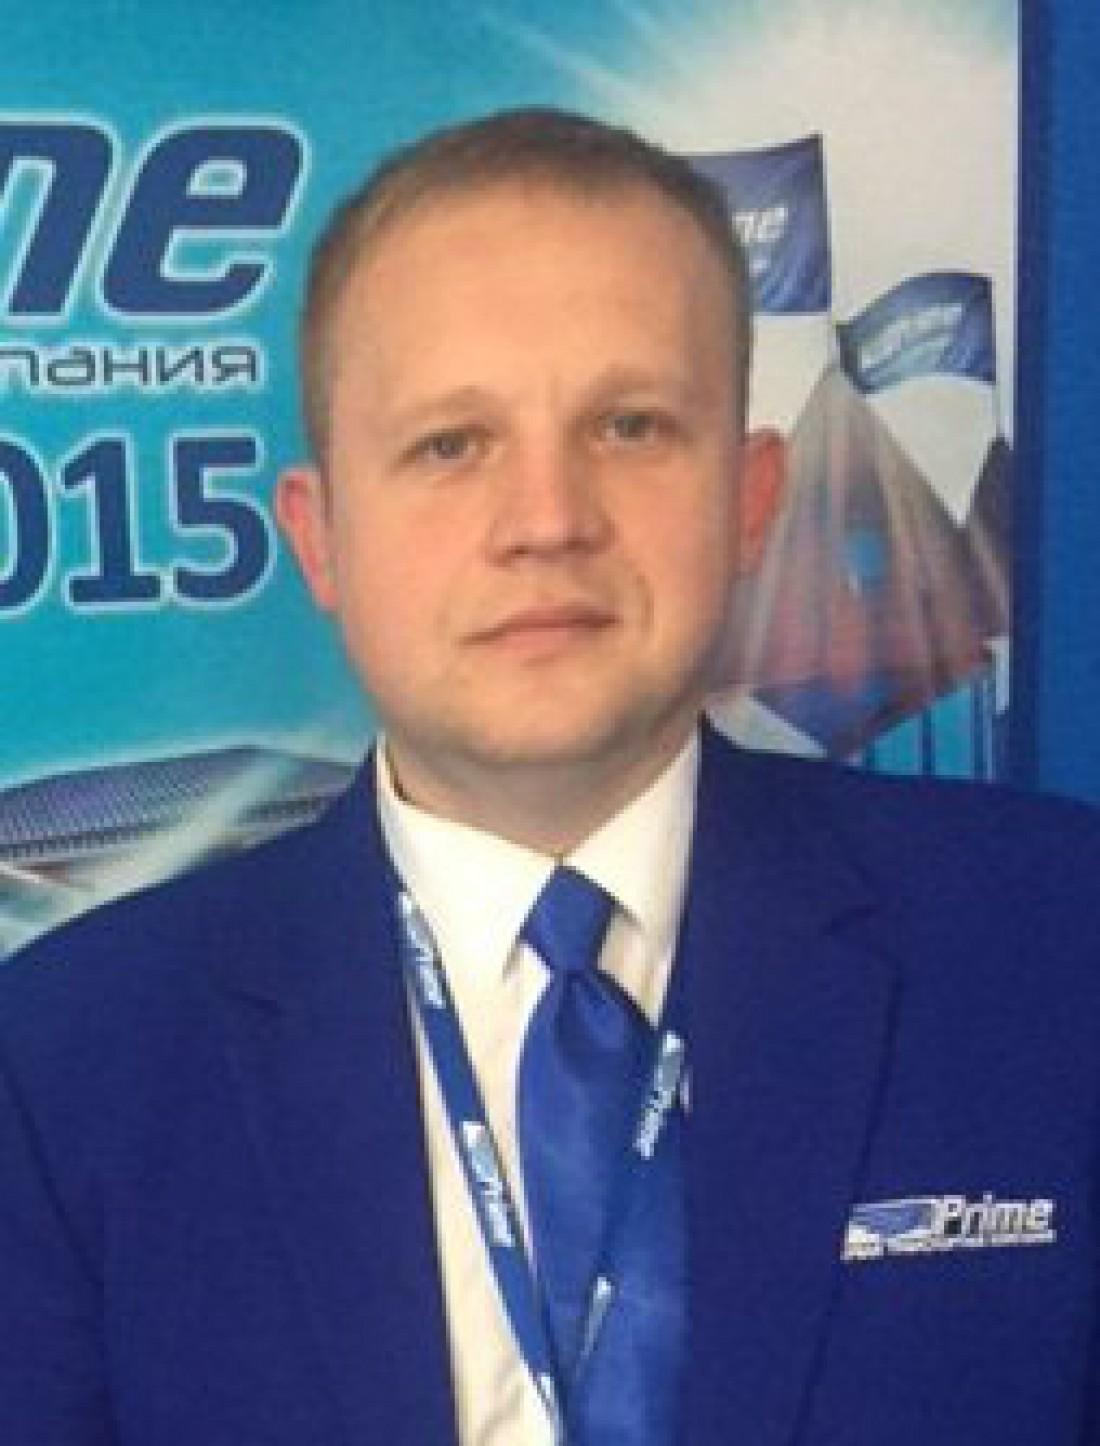 Группа компаний Прайм: Генеральный директор Дмитрий Леушкин